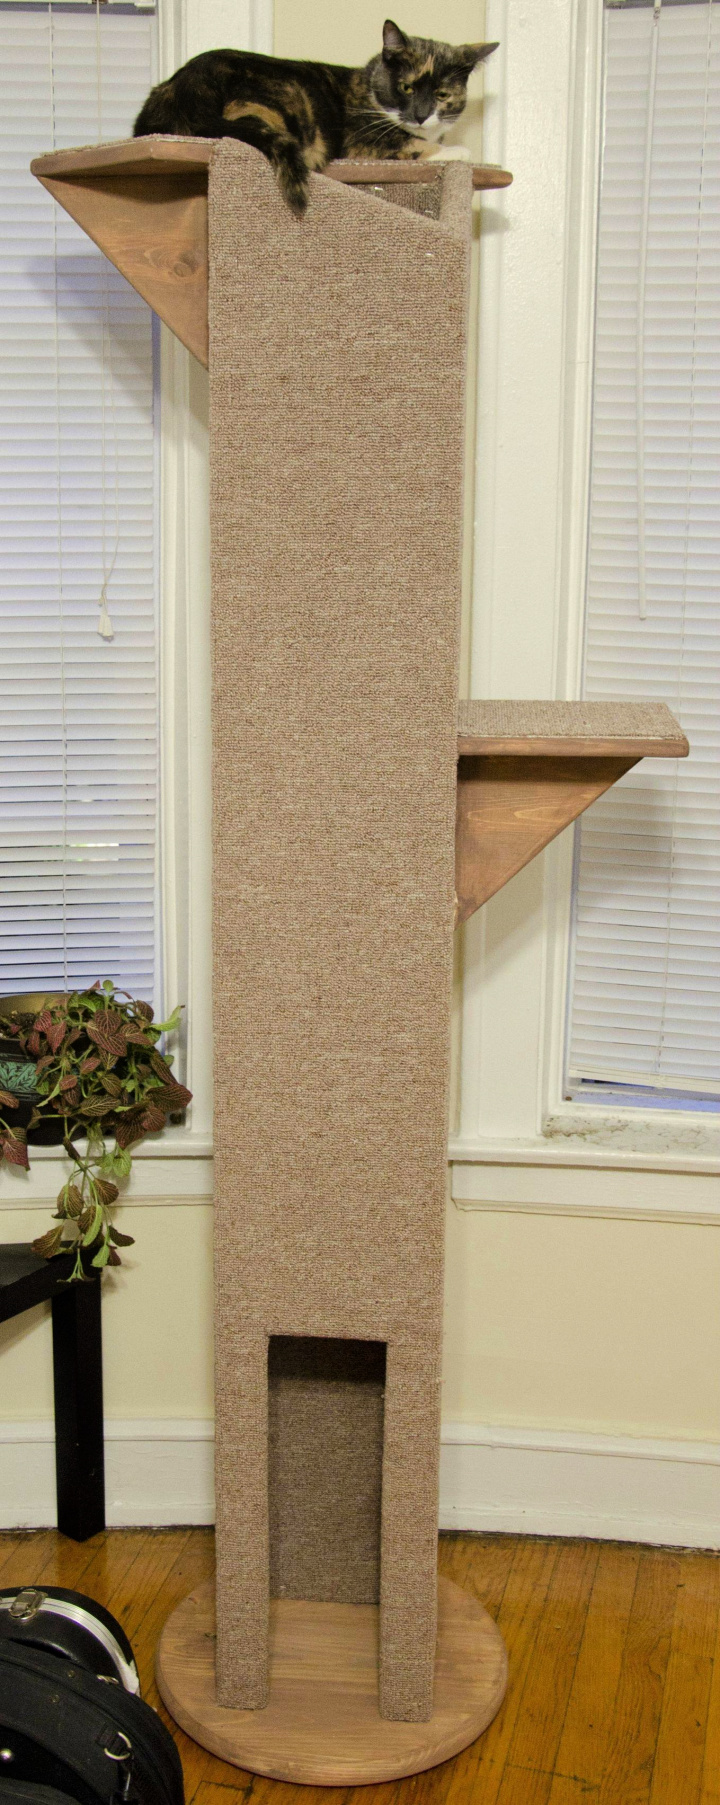 6 Feet Tall Cat Tower Plan